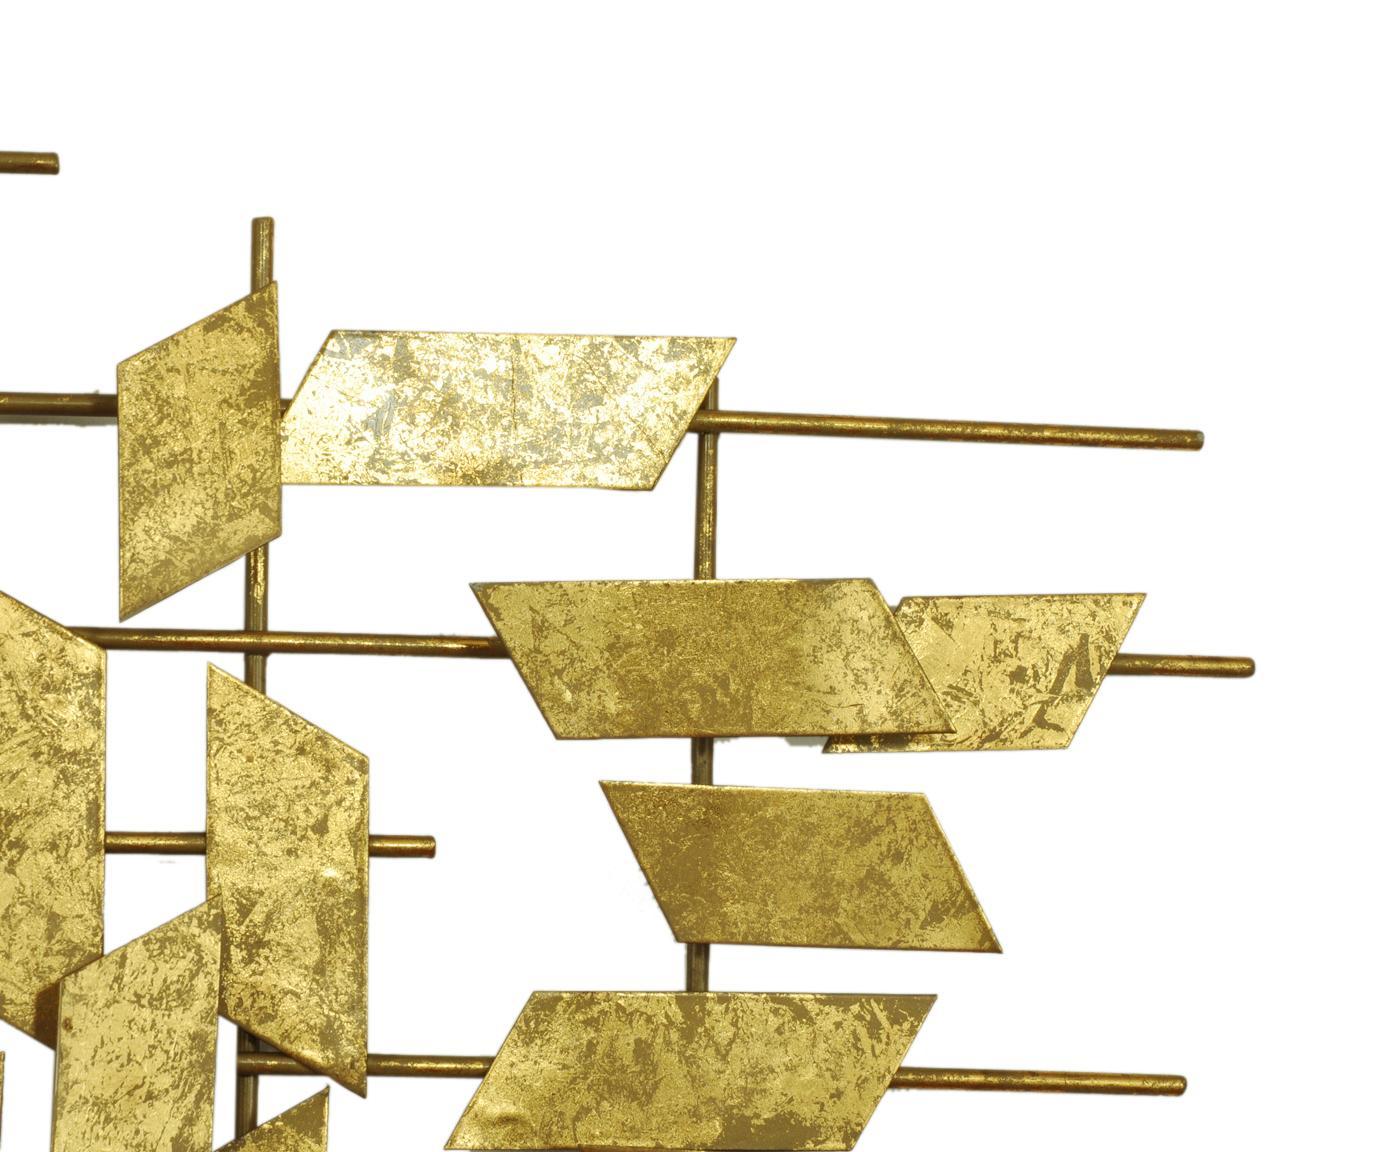 Dekoracja ścienna z metalu XL Tara, Metal, Odcienie złotego, S 95 x W 60 cm